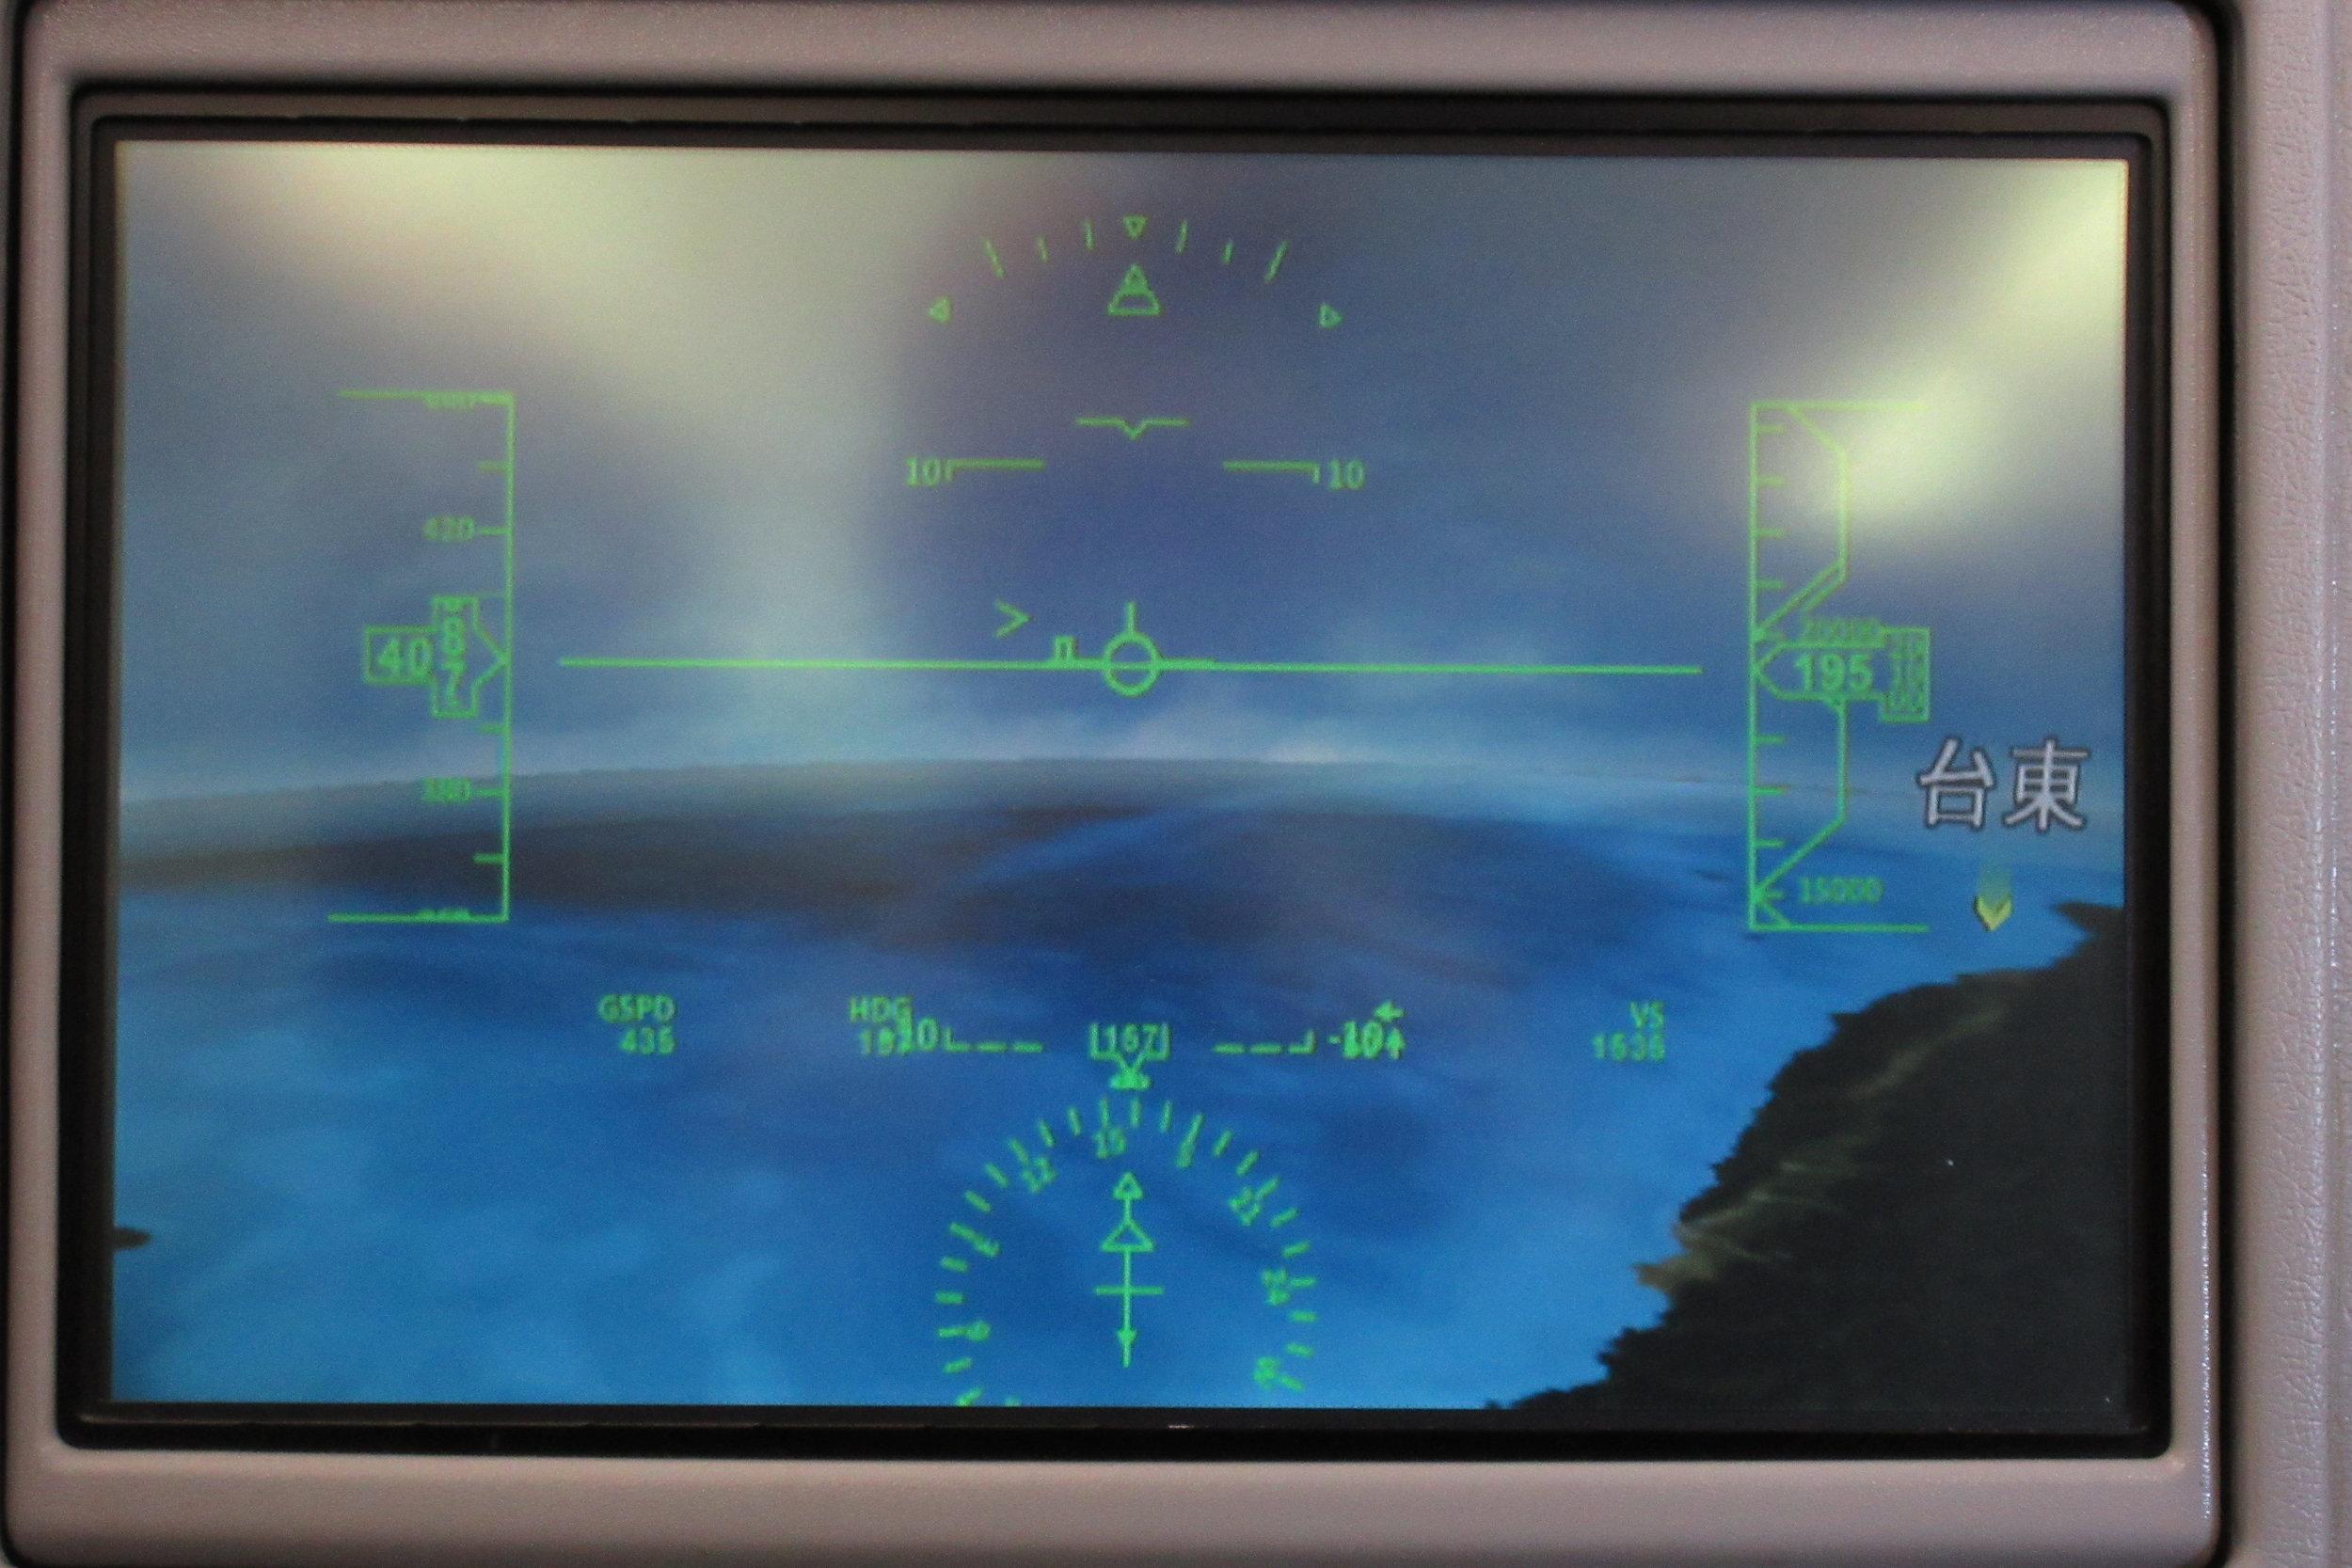 EVA Air regional business class – Airshow